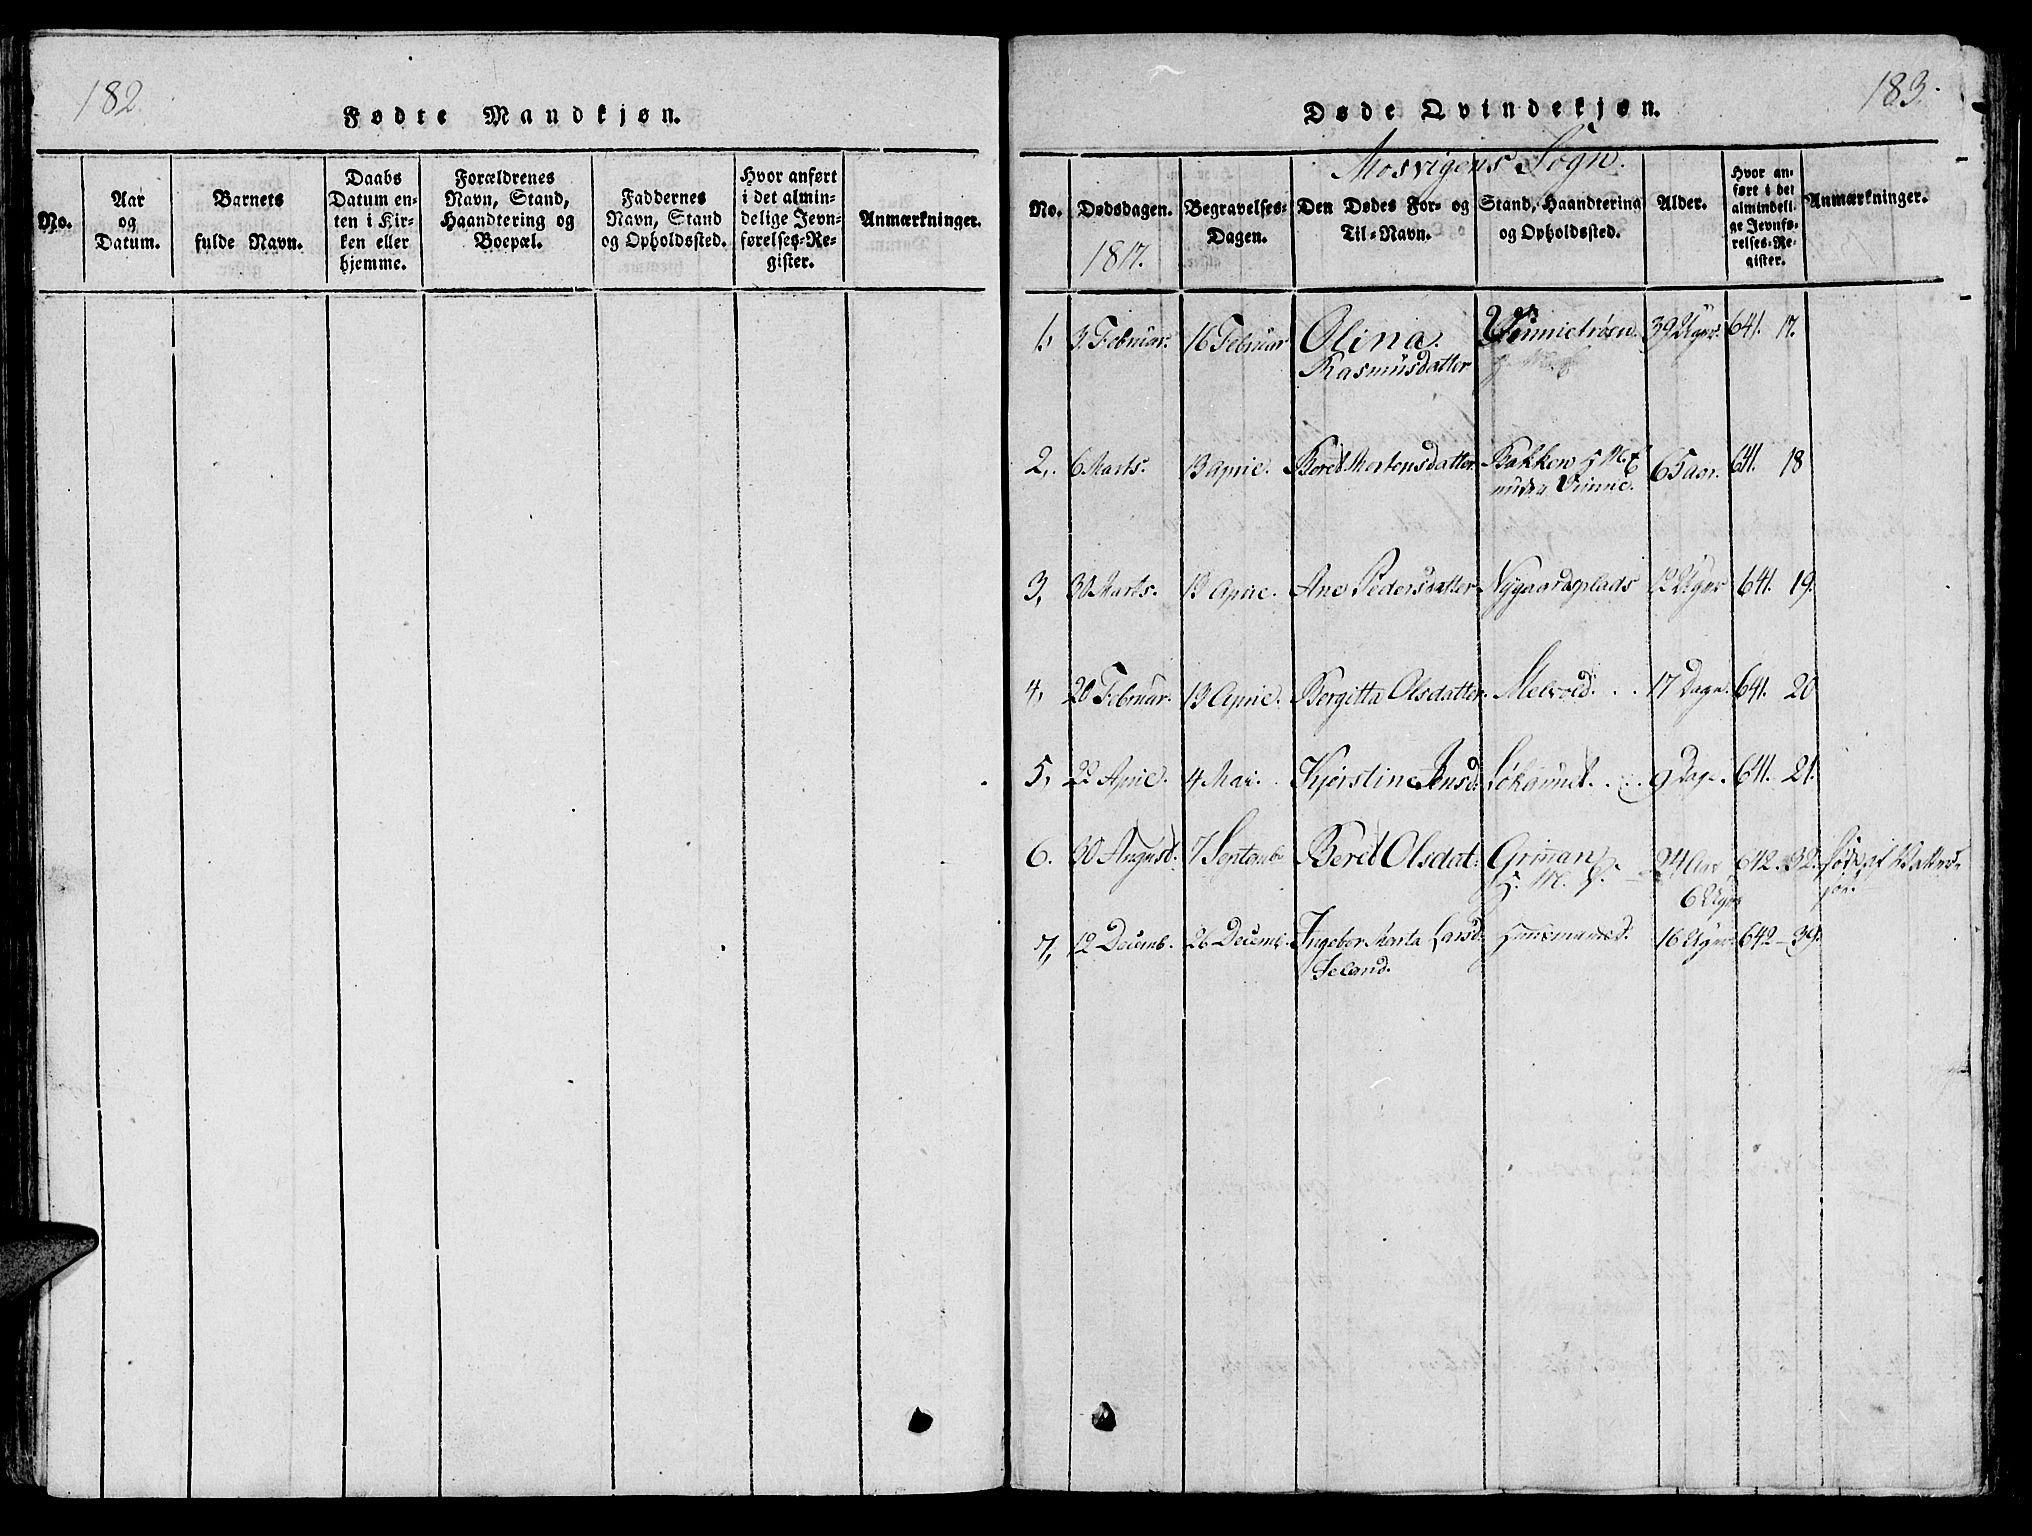 SAT, Ministerialprotokoller, klokkerbøker og fødselsregistre - Nord-Trøndelag, 733/L0322: Ministerialbok nr. 733A01, 1817-1842, s. 182-183